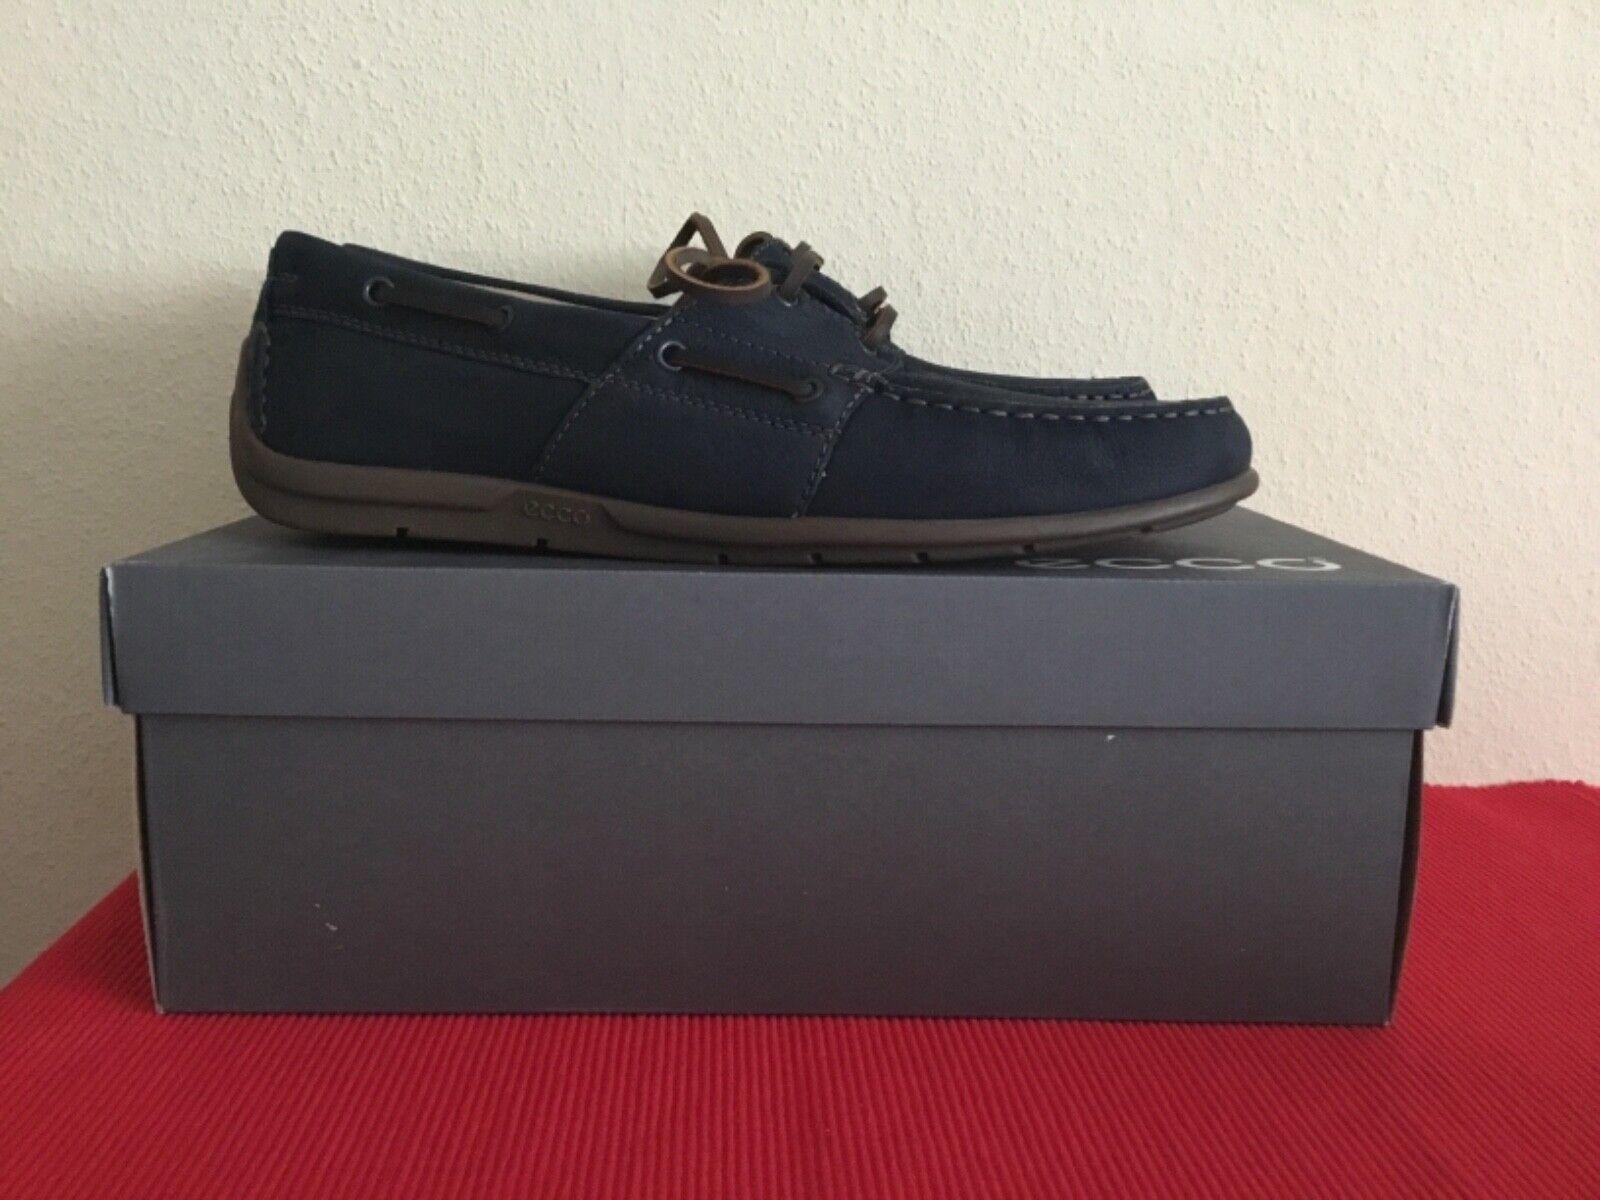 Ecco Classic mocasín 2.0 zapatos caballero zapatillas de cuero 57096402058 talla  elegibles nuevo